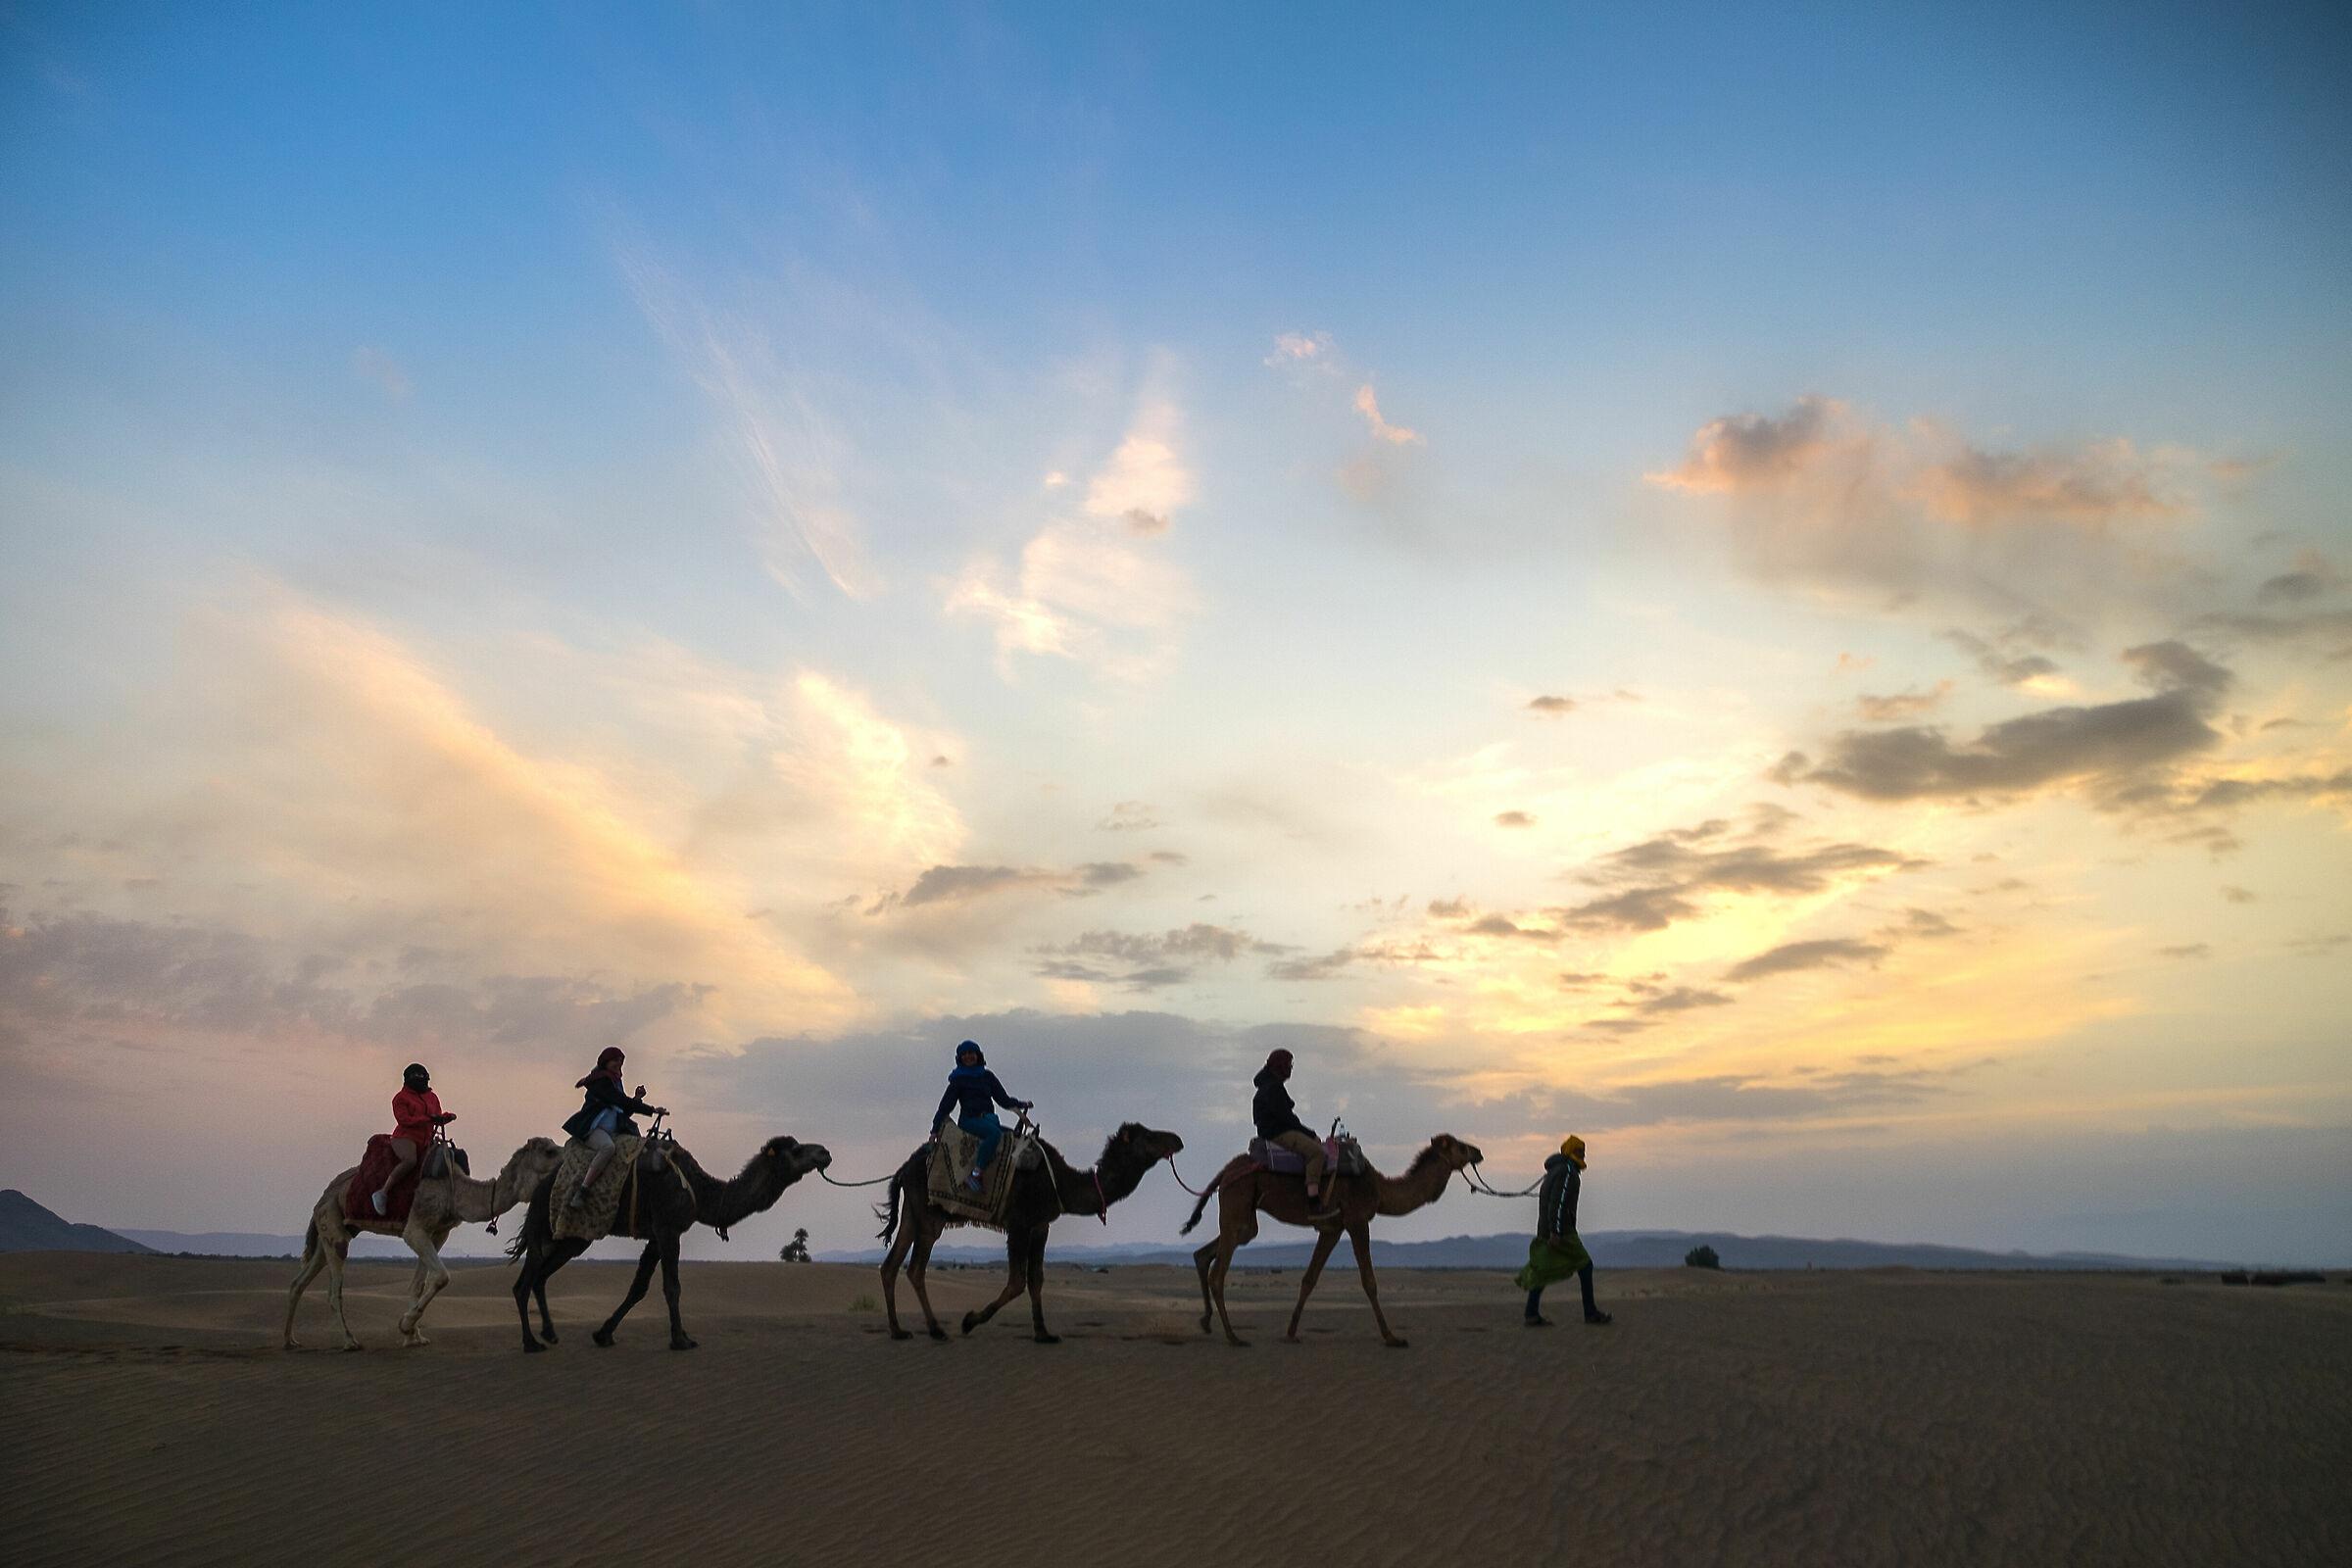 Sunset over the Merzouga Desert...